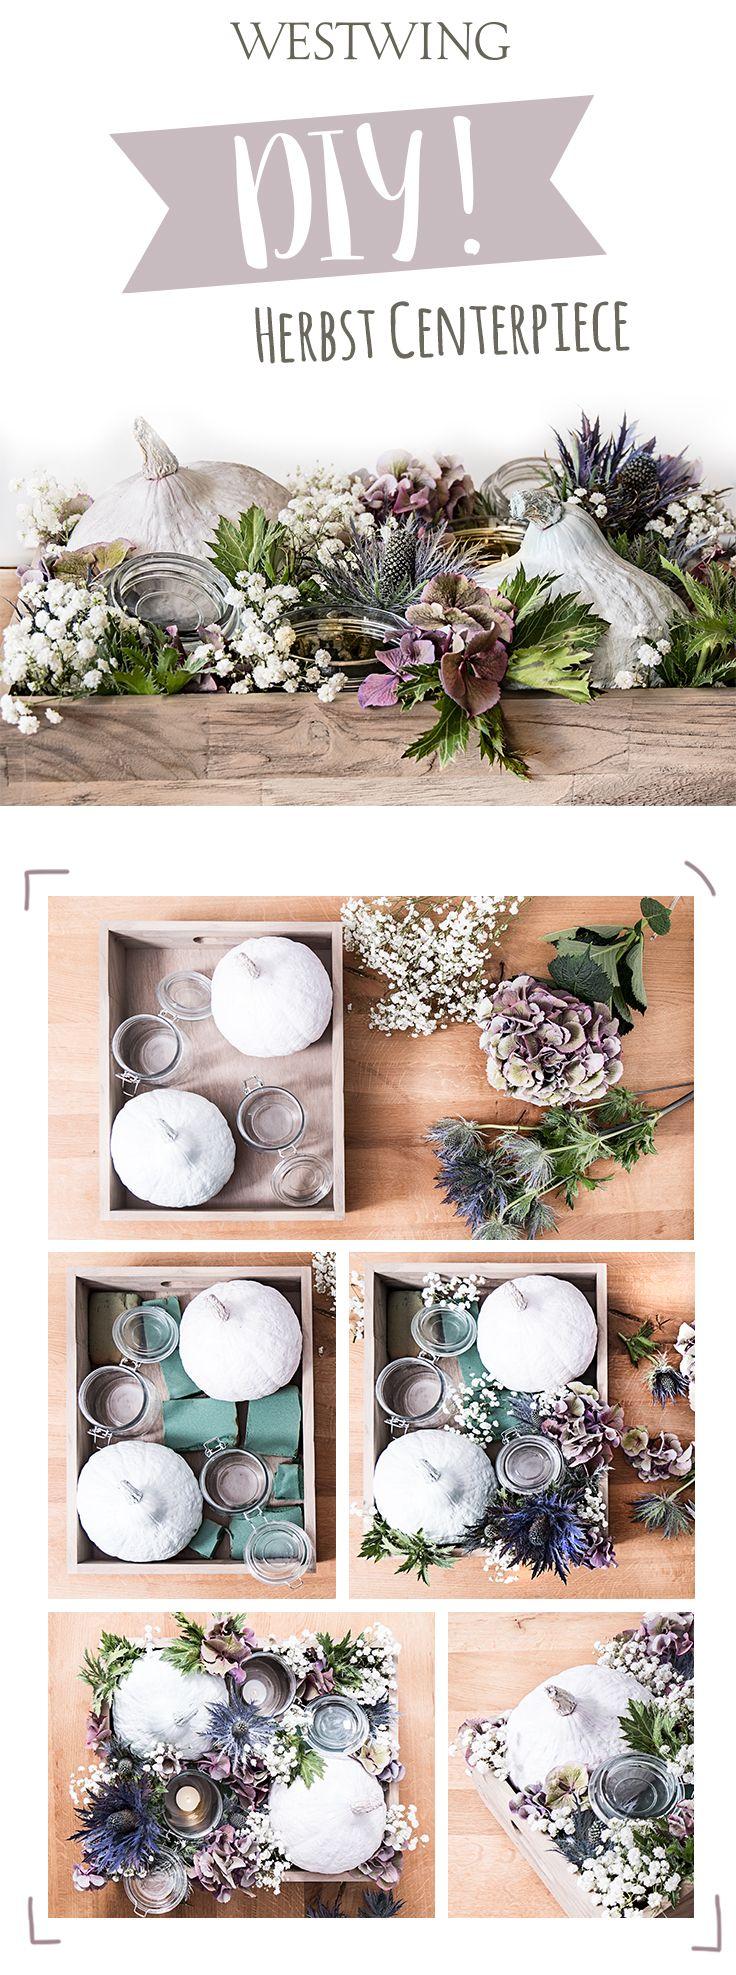 DIY Herbst Centerpiece Herbst dekoration, Ideen für